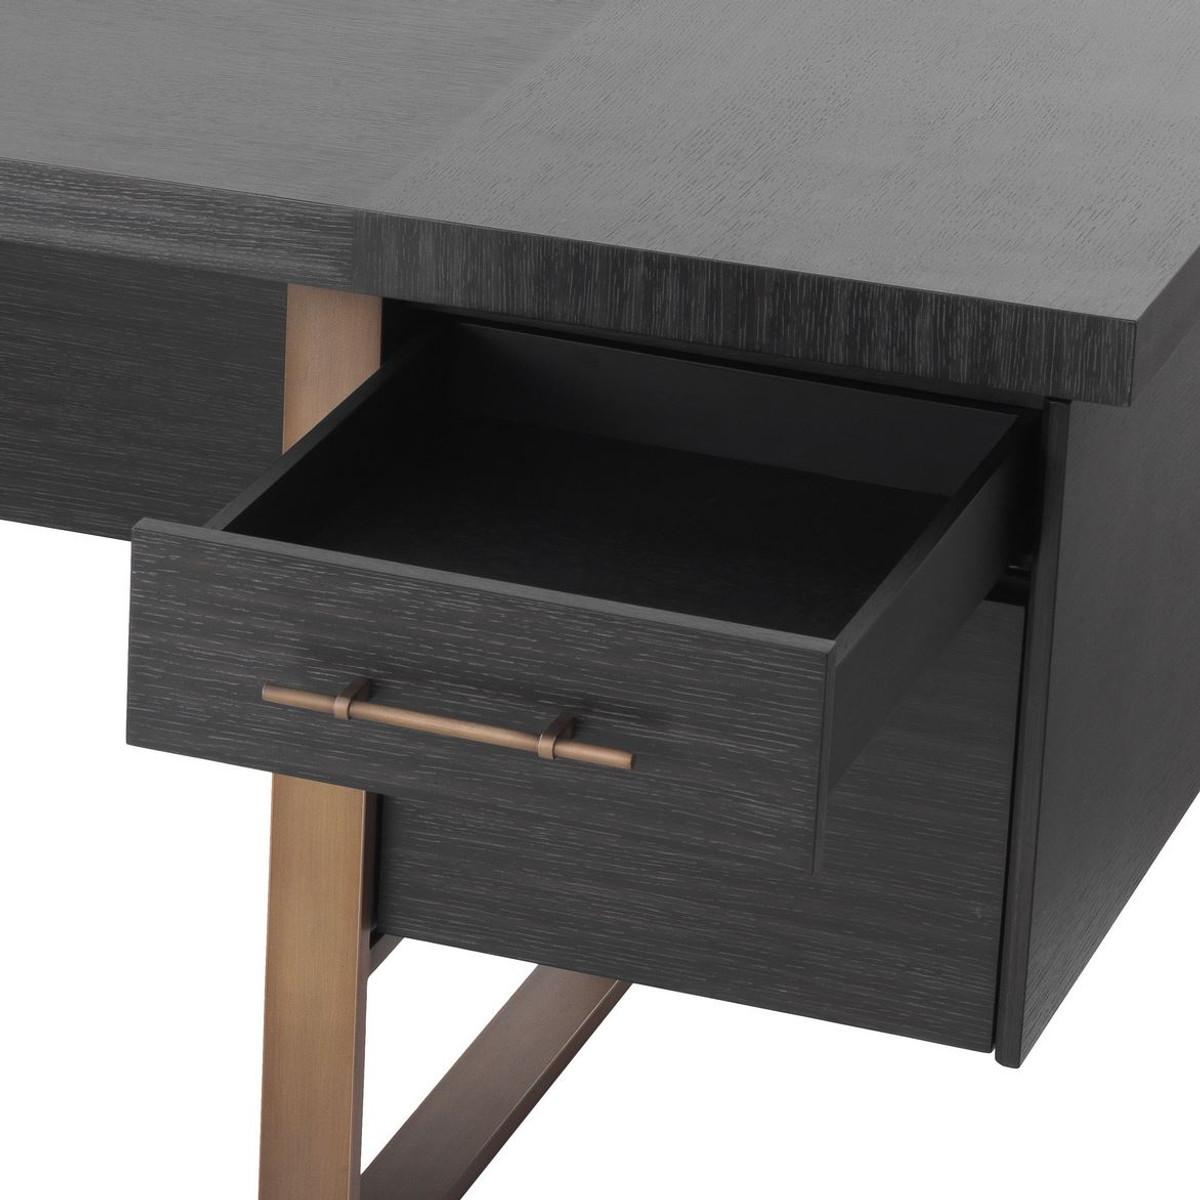 casa padrino bureau de luxe gris anthracite bronze 180 x 80 x h 76 cm elegant bureau en bois massif a 4 tiroirs mobilier de bureau de luxe